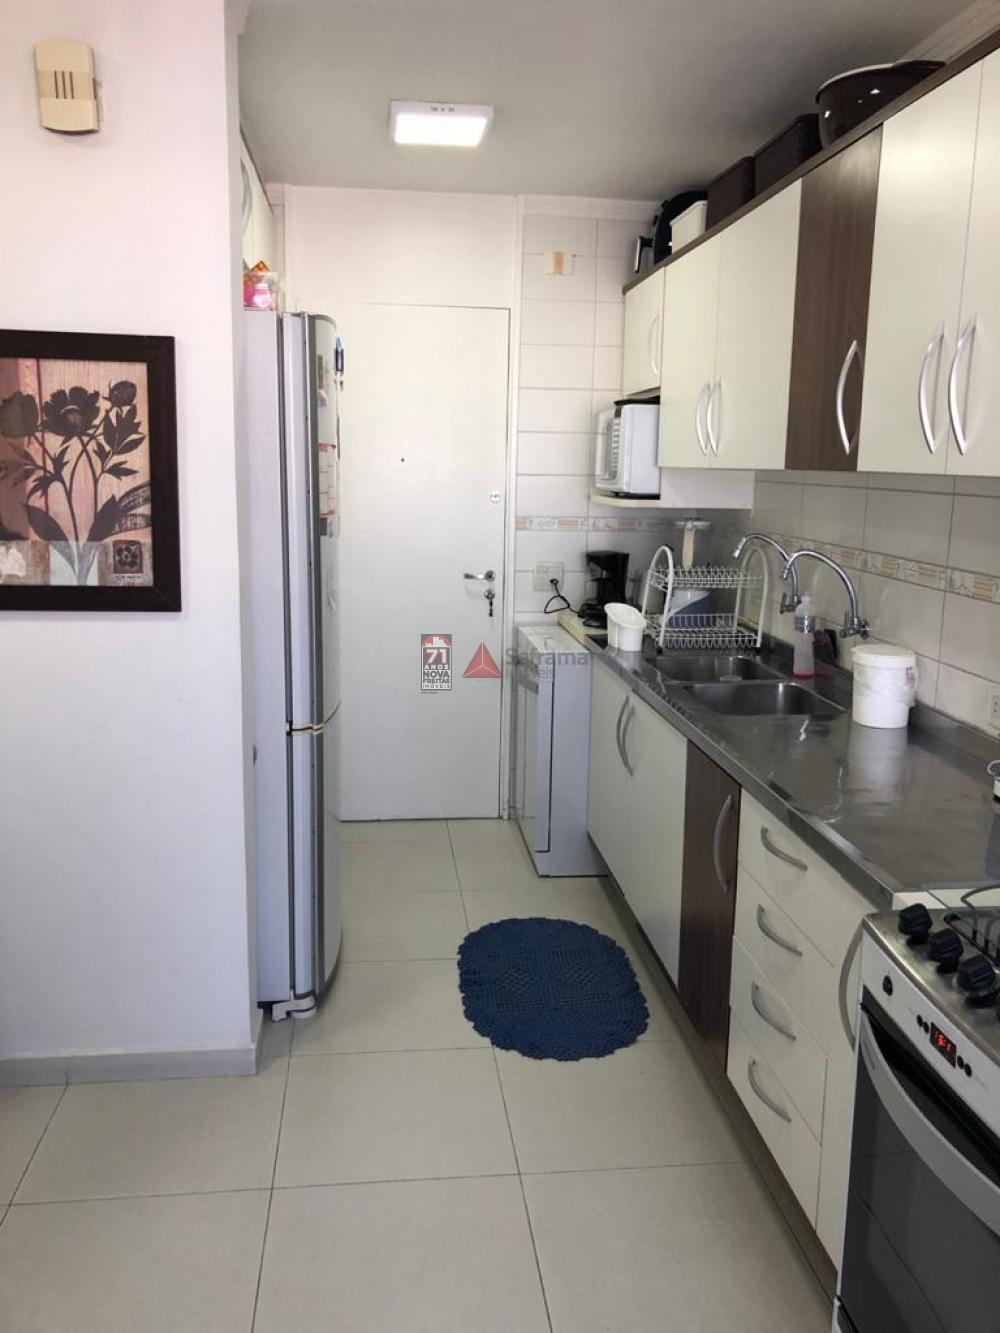 Comprar Apartamento / Padrão em São José dos Campos apenas R$ 560.000,00 - Foto 24